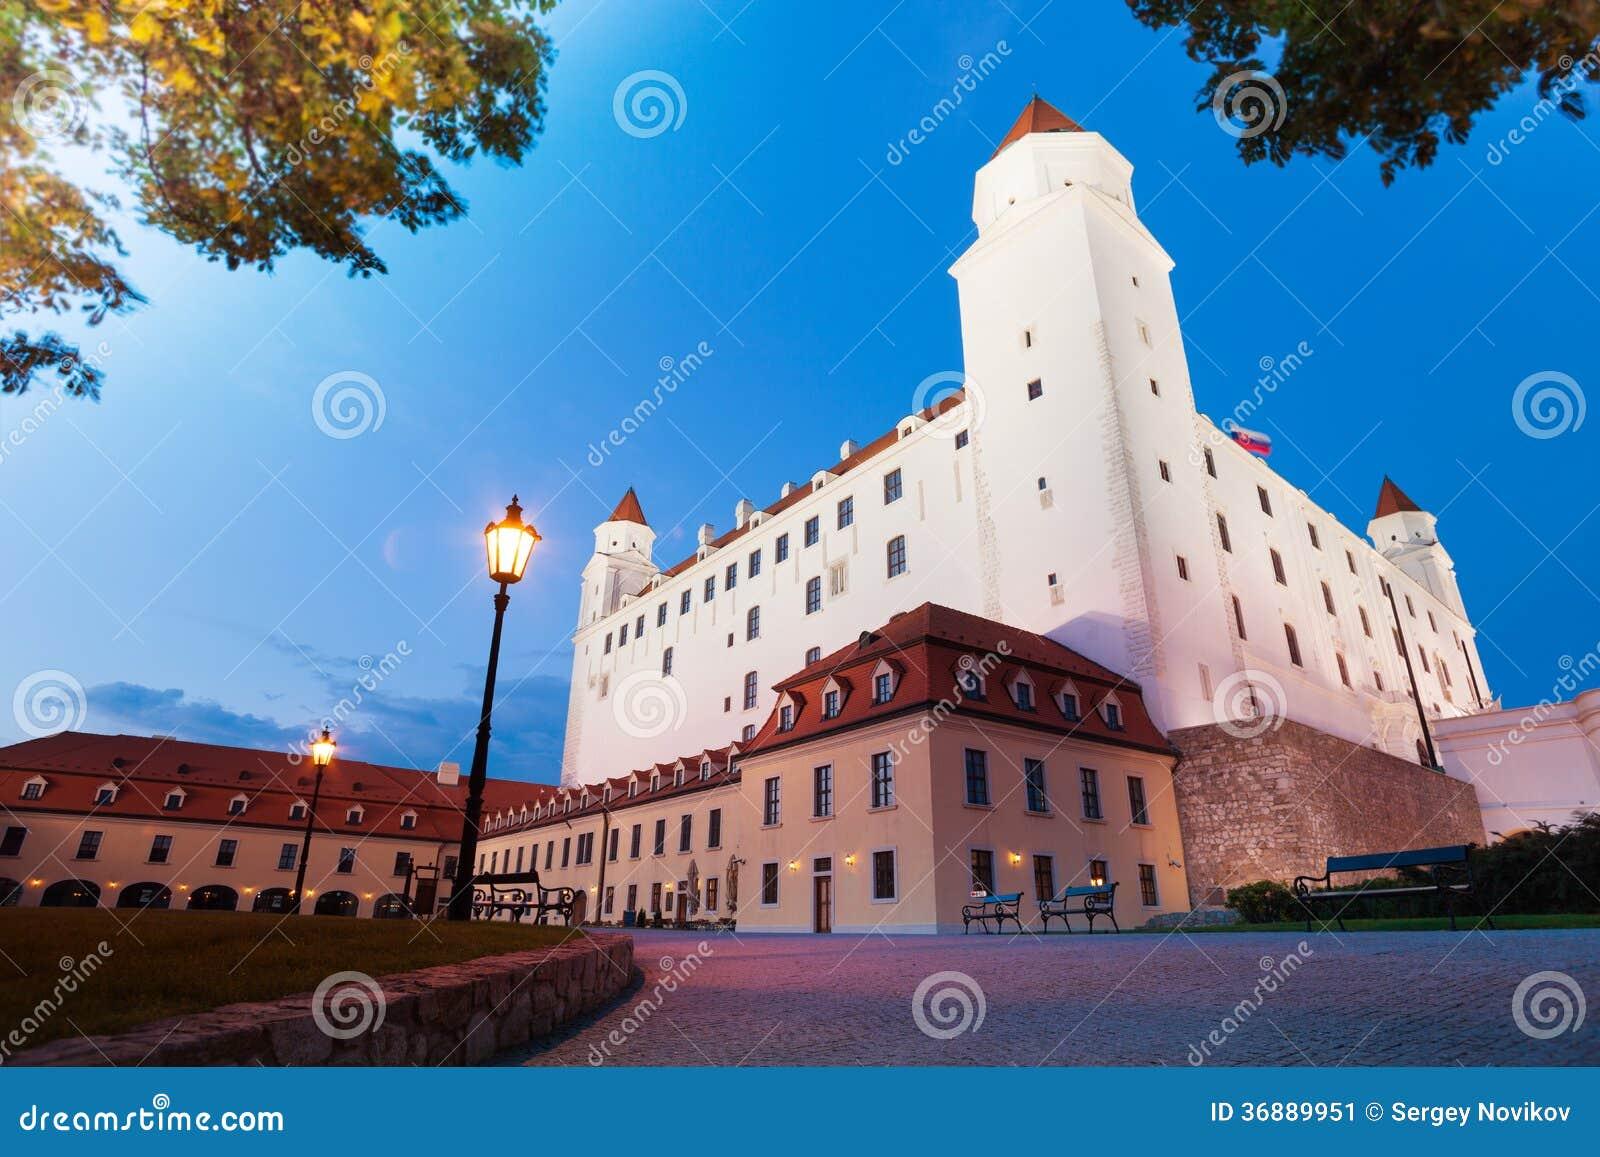 Download Castello Di Bratislava Alla Notte Immagine Stock - Immagine di fortificazione, luci: 36889951